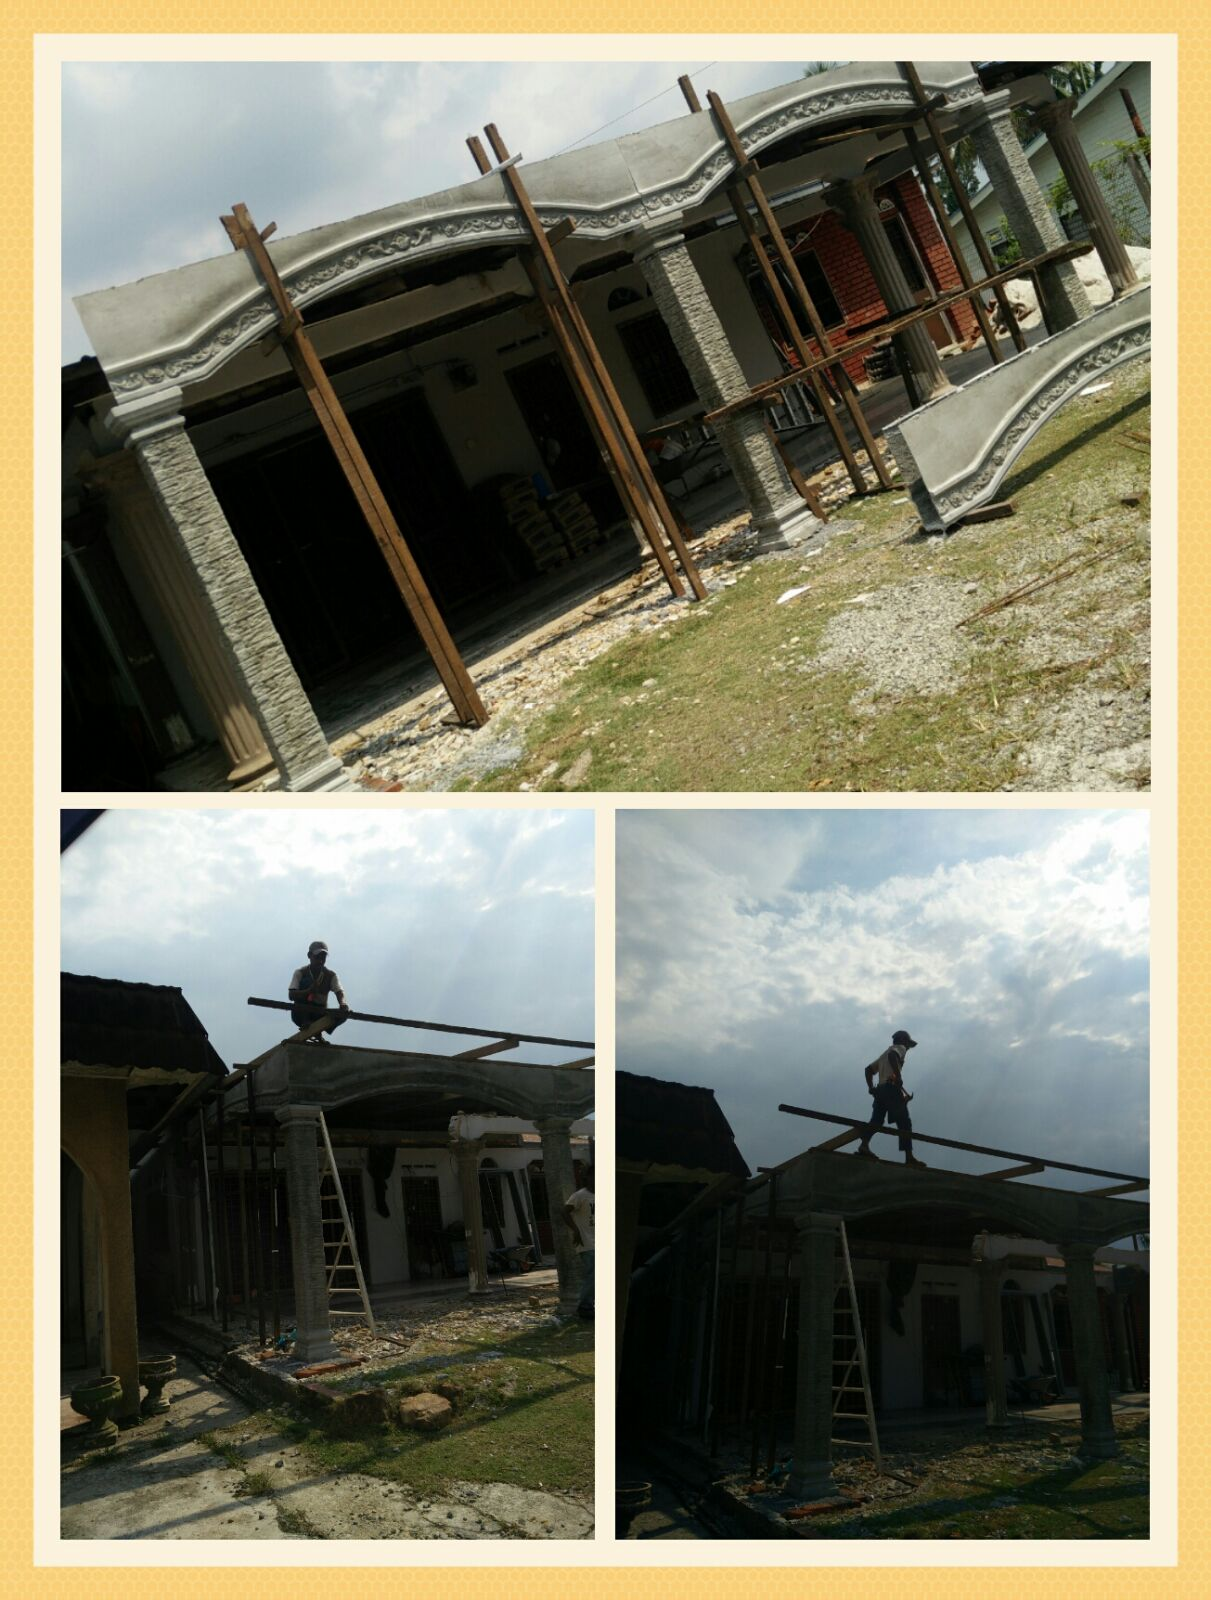 Renovate rumah ibu hasil jualan Dahan Rapuh